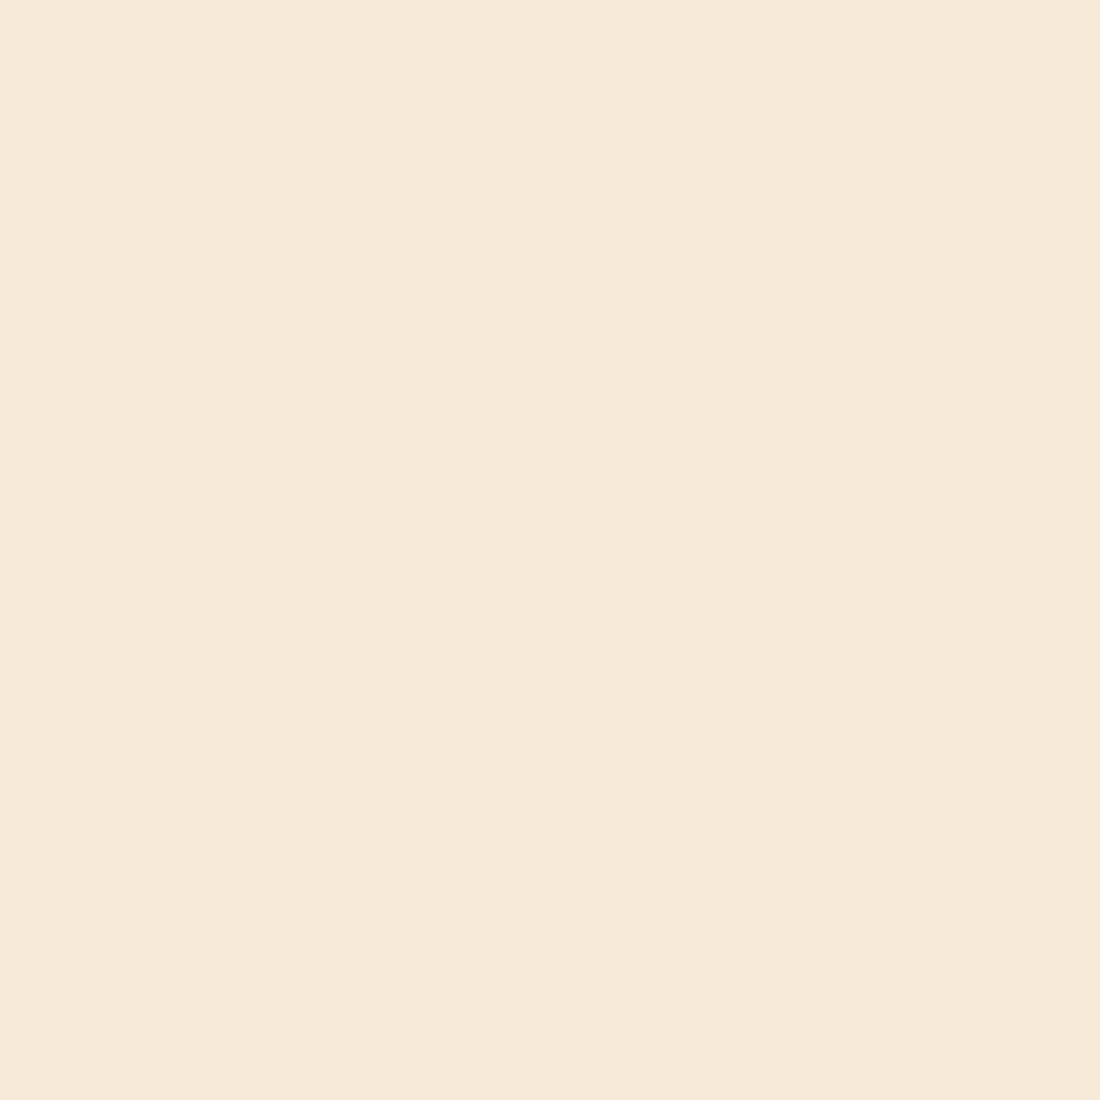 Trespa® Izeon® HPL Plaat EZ Cremewit RAL9001 Enkelzijdig folie 3050x1530x6mm